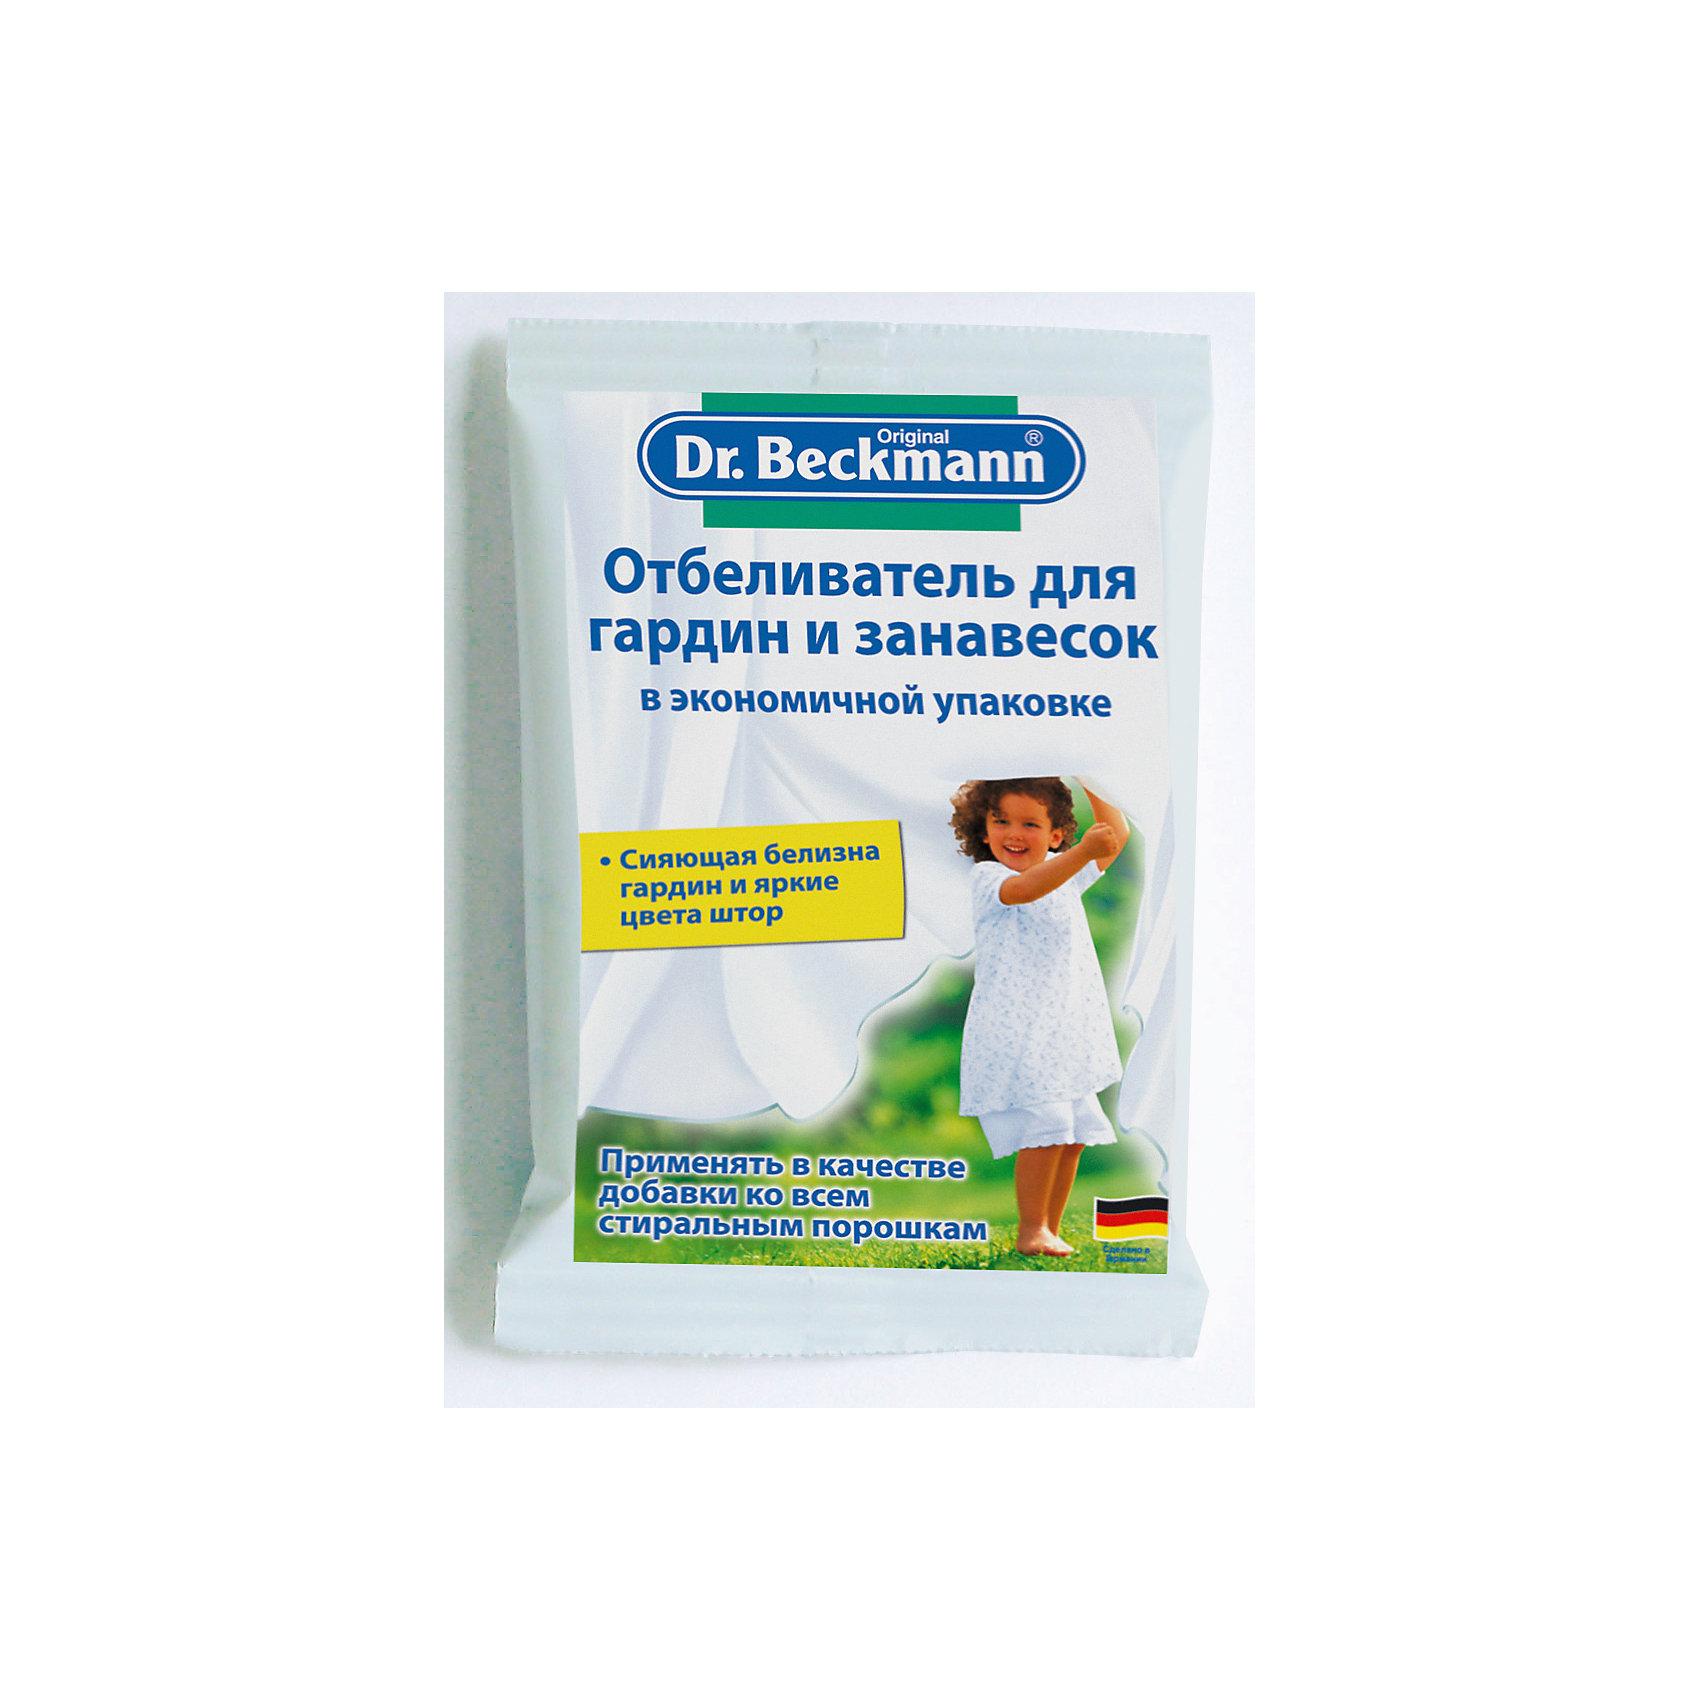 Отбеливатель для гардин и занавесок в экономичной упаковке, 80 гр, Dr.BeckmannБытовая химия<br>Характеристики товара:<br><br>• вес: 80 гр<br>• упаковка: коробка<br>• страна бренда: Германия<br>• страна изготовитель: Германия<br><br>Белые занавески – частый предмет в интерьере, так как выглядит стильно и визуально увеличивает пространство. Белые гардины тяжело поддаются стирке, так как накапливают огромное количество пыли вследствие редкой стирки. <br><br>Восстановить белизну декоративного элемента помогают специальные средства, например, отбеливатель для гардин и занавесок. Материалы, использованные при изготовлении товара, сертифицированы и отвечают всем международным требованиям по качеству. <br><br>Отбеливатель для гардин и занавесок в экономичной упаковке, 80 гр от производителя Dr.Beckmann (Др. Бекманн) можно приобрести в нашем интернет-магазине.<br><br>Ширина мм: 110<br>Глубина мм: 28<br>Высота мм: 130<br>Вес г: 149<br>Возраст от месяцев: 216<br>Возраст до месяцев: 1188<br>Пол: Унисекс<br>Возраст: Детский<br>SKU: 5185721